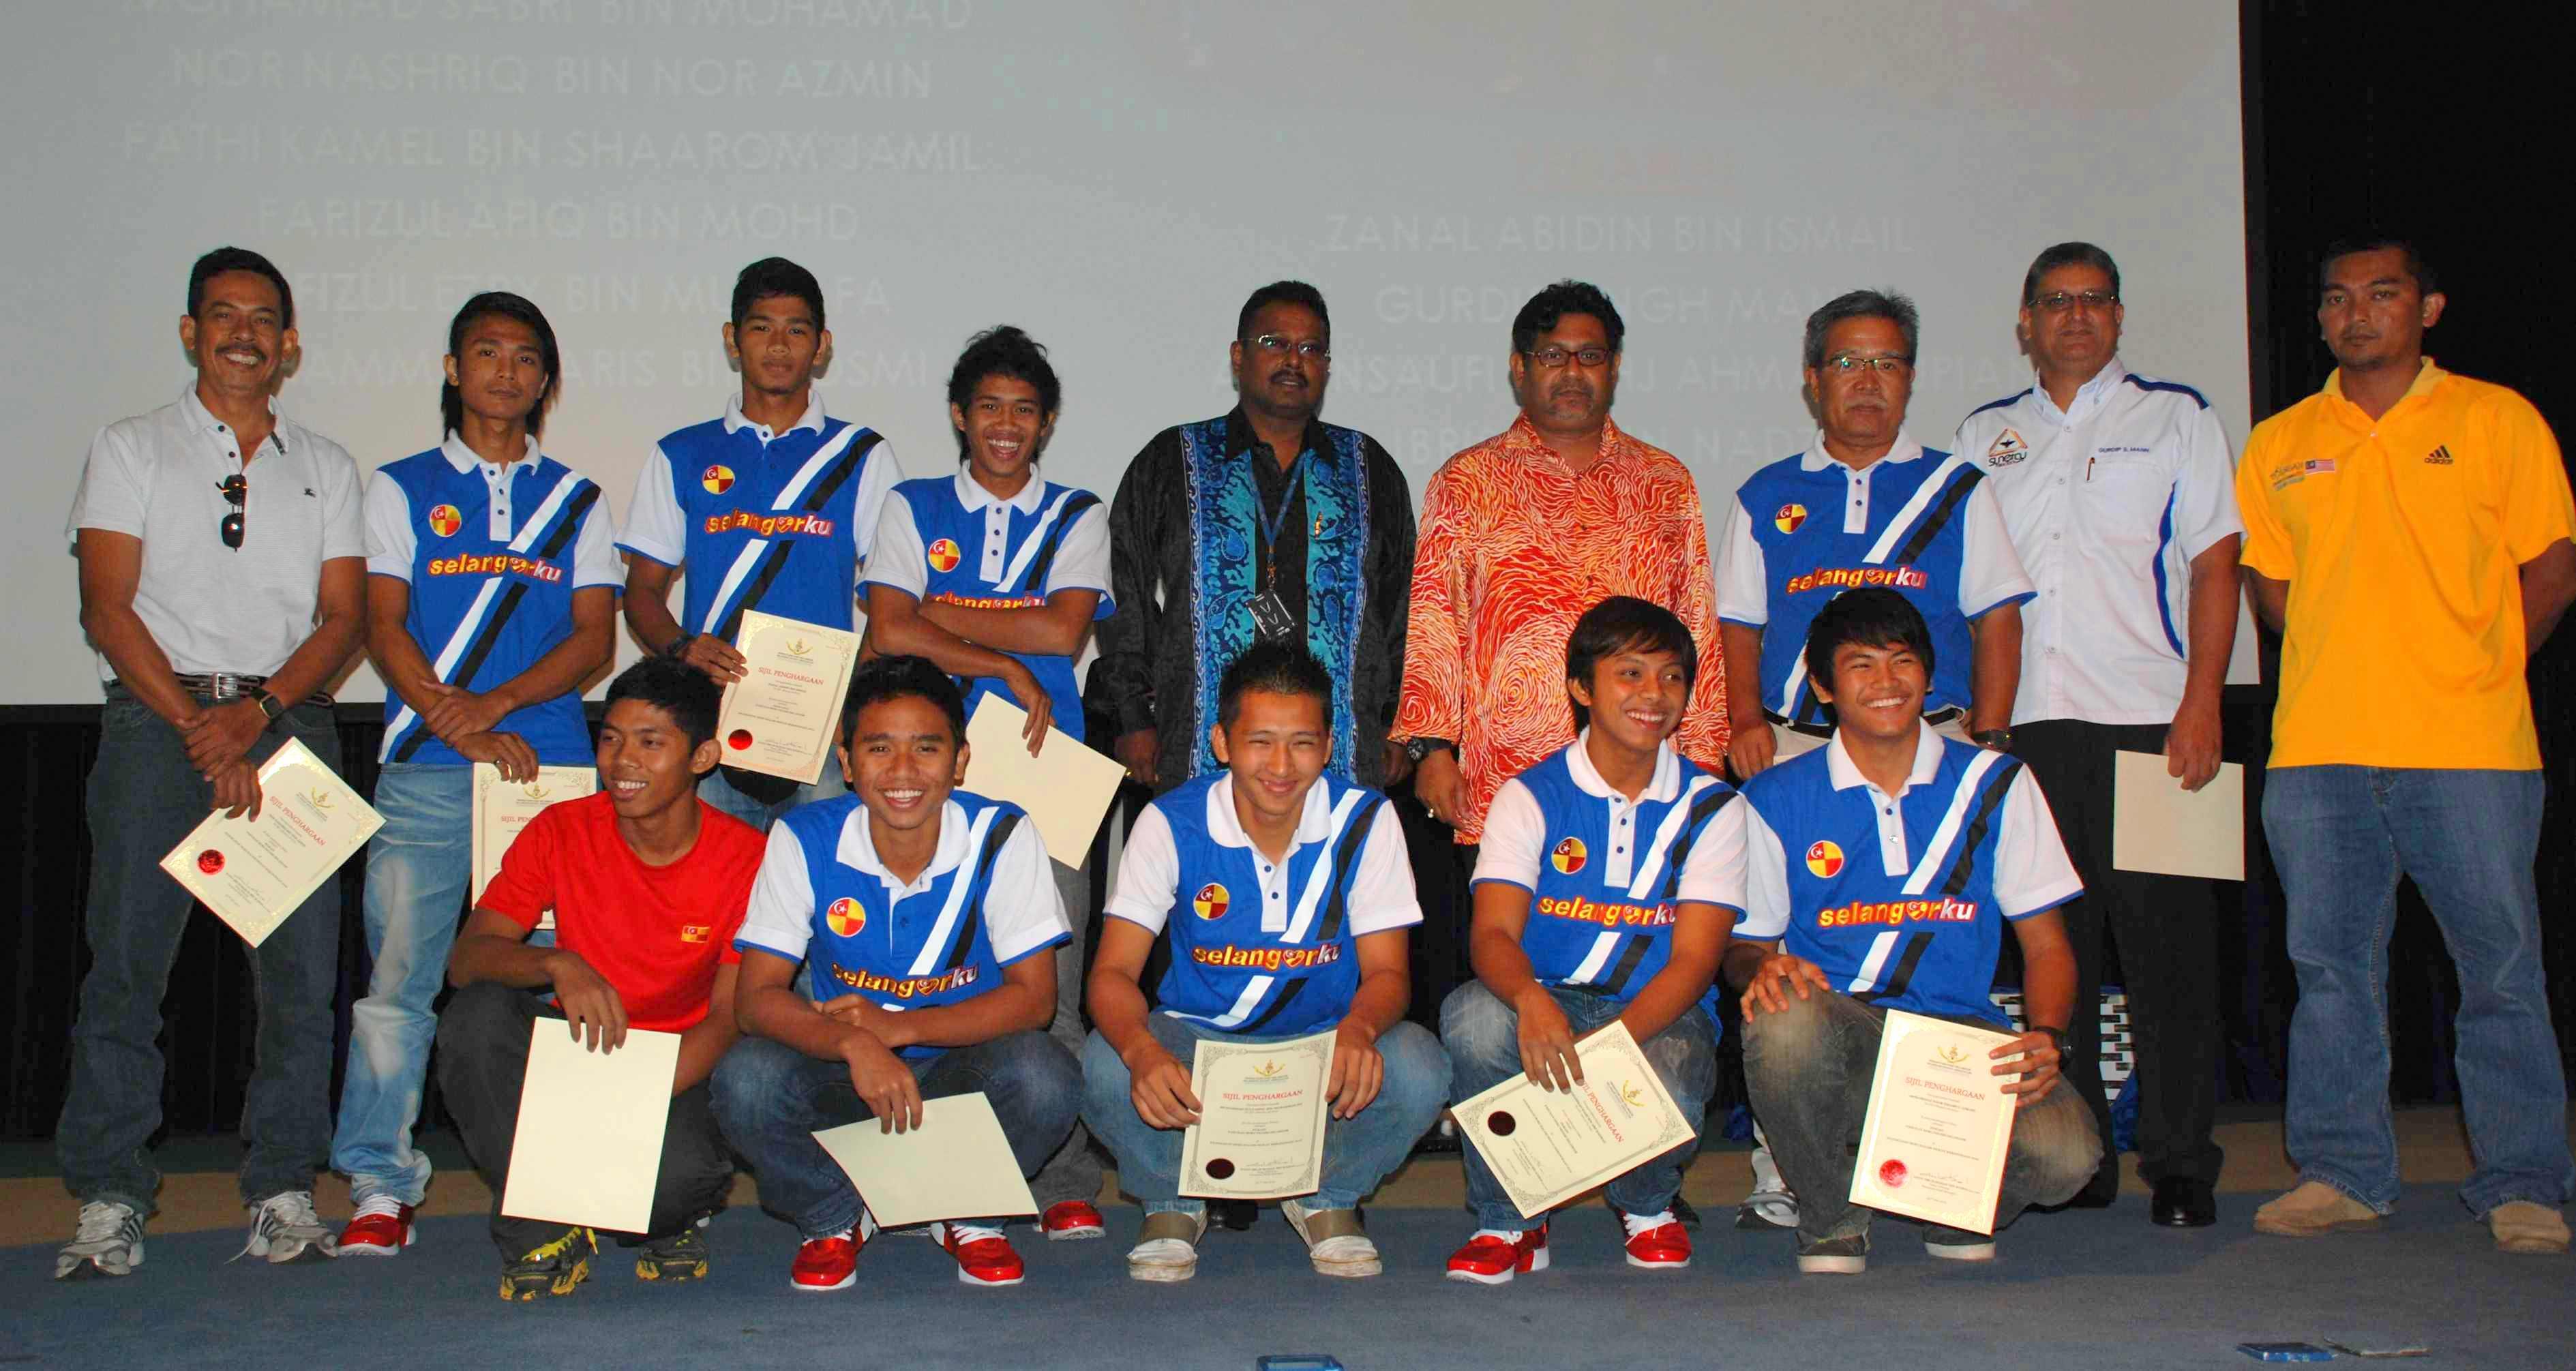 Selangor Indoor Team